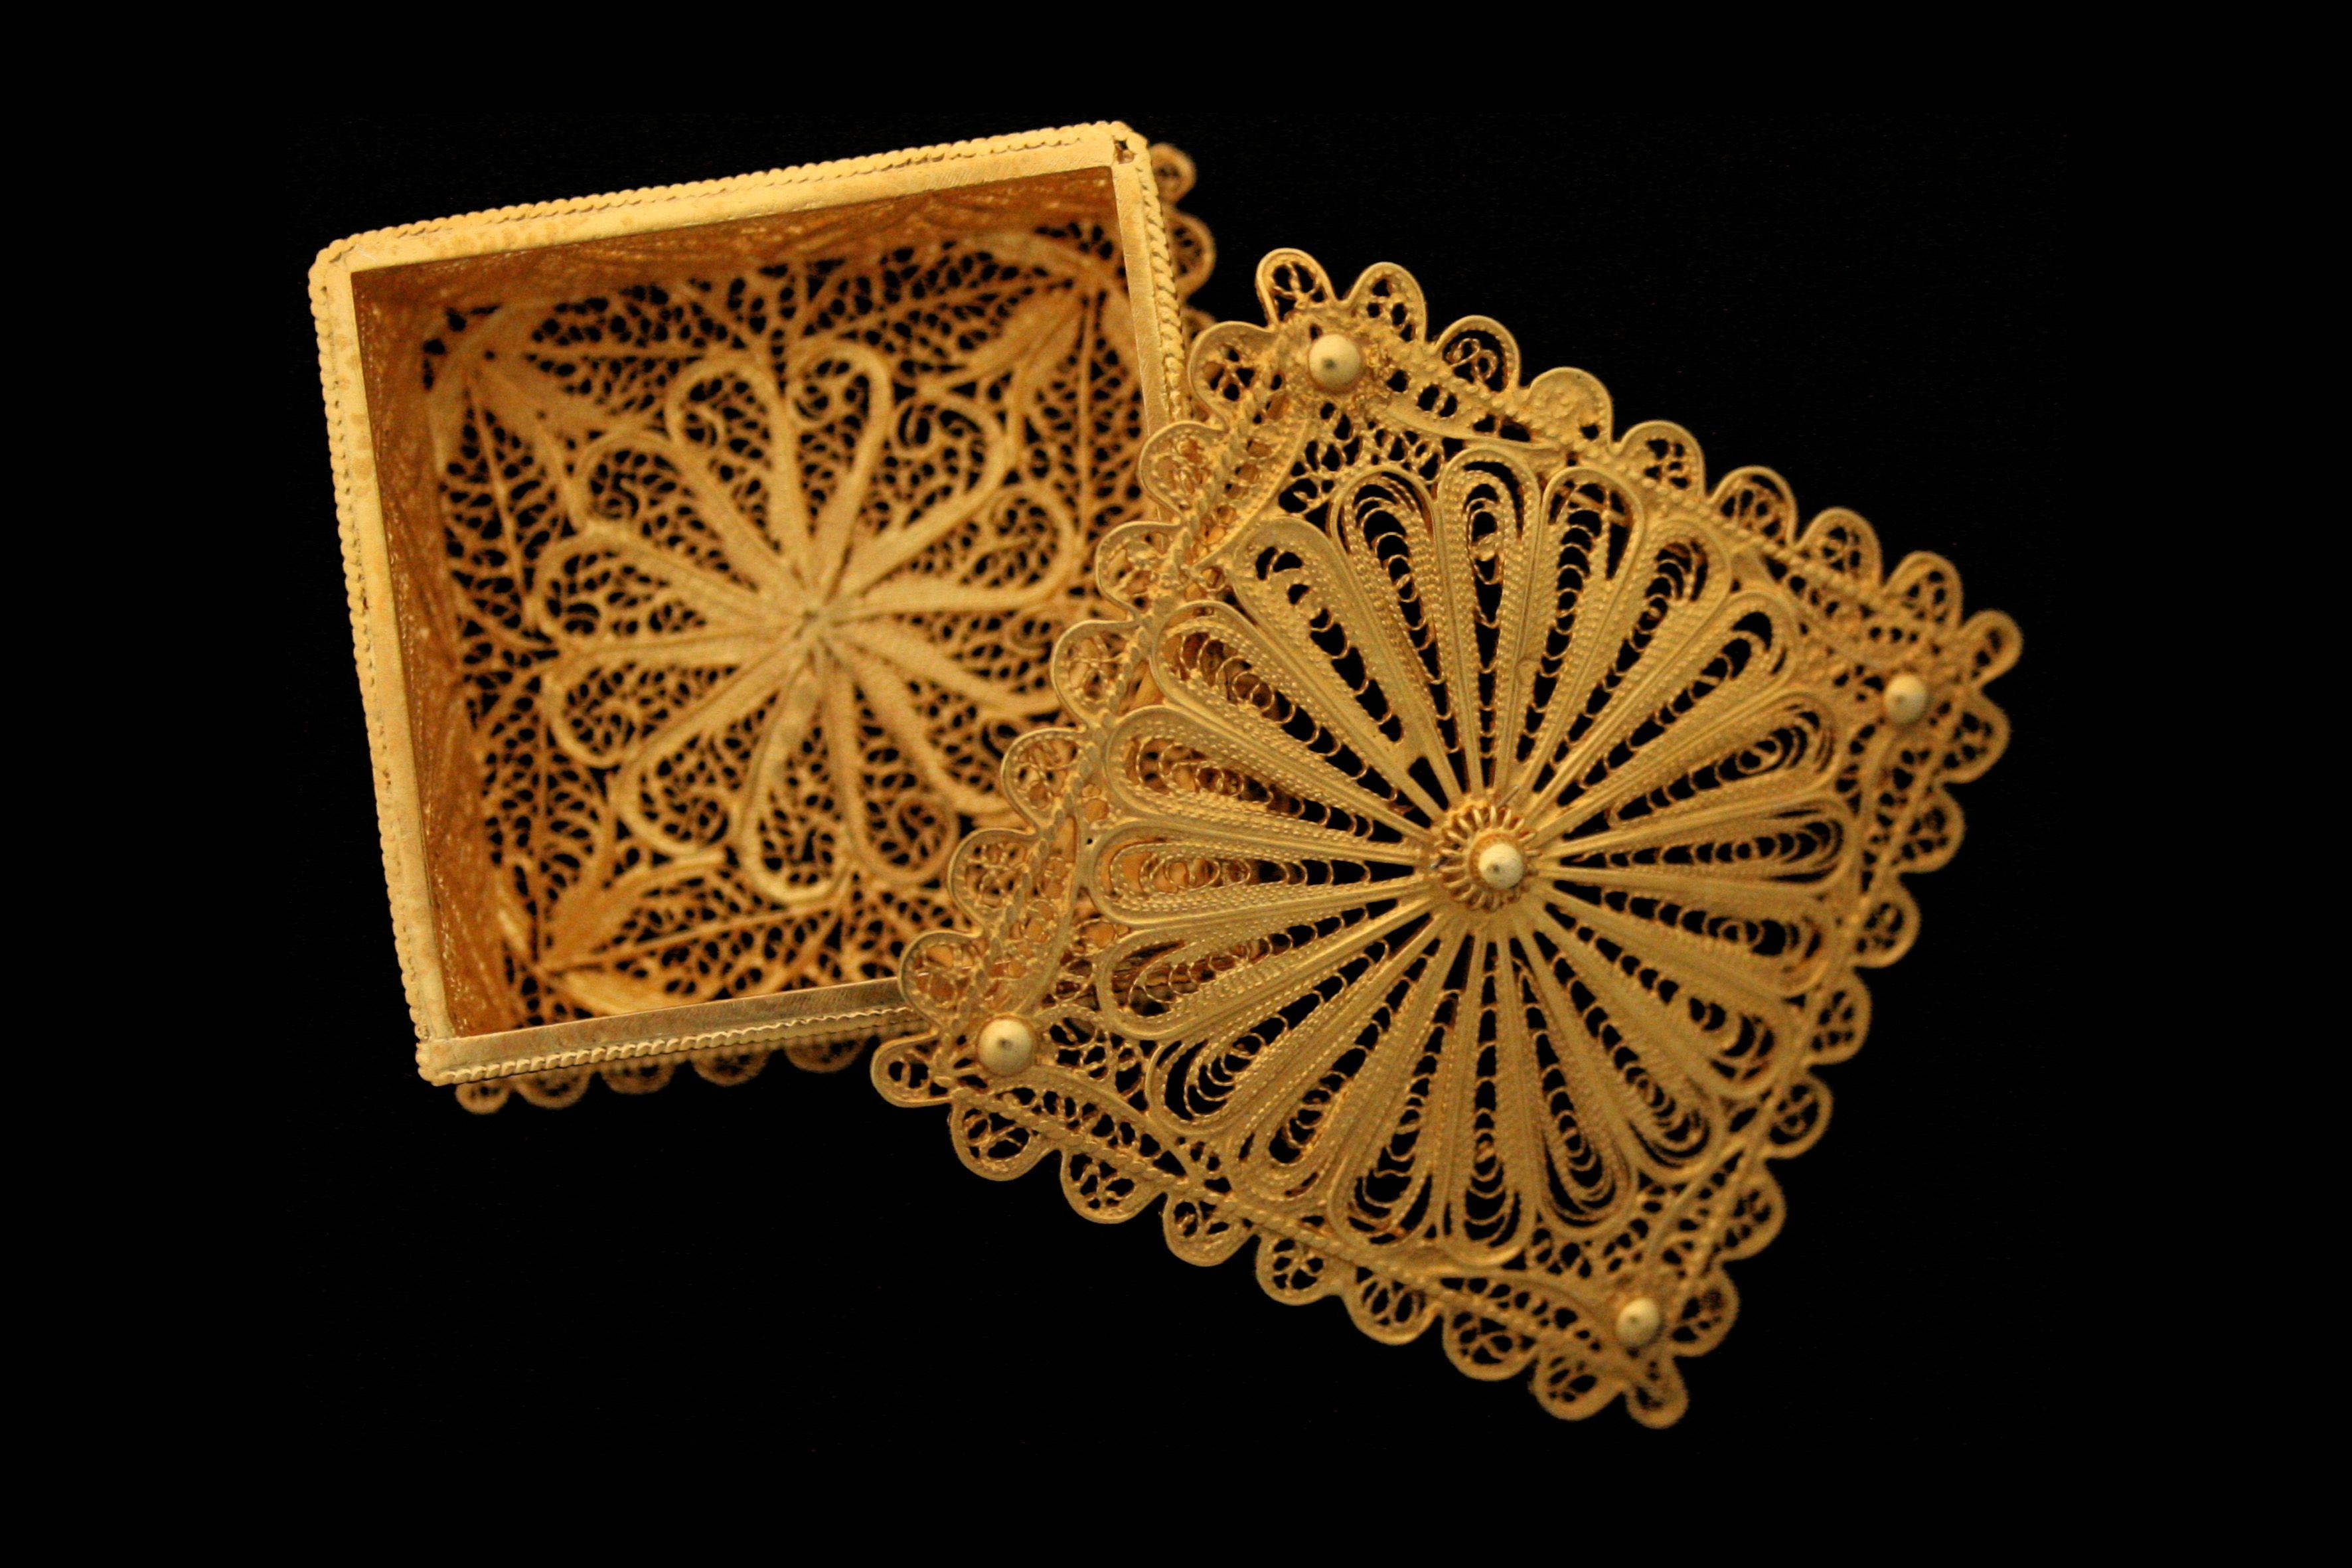 Caixa em filigrana - Livro Ourar e Trajar - http://www.museudaourivesaria.com